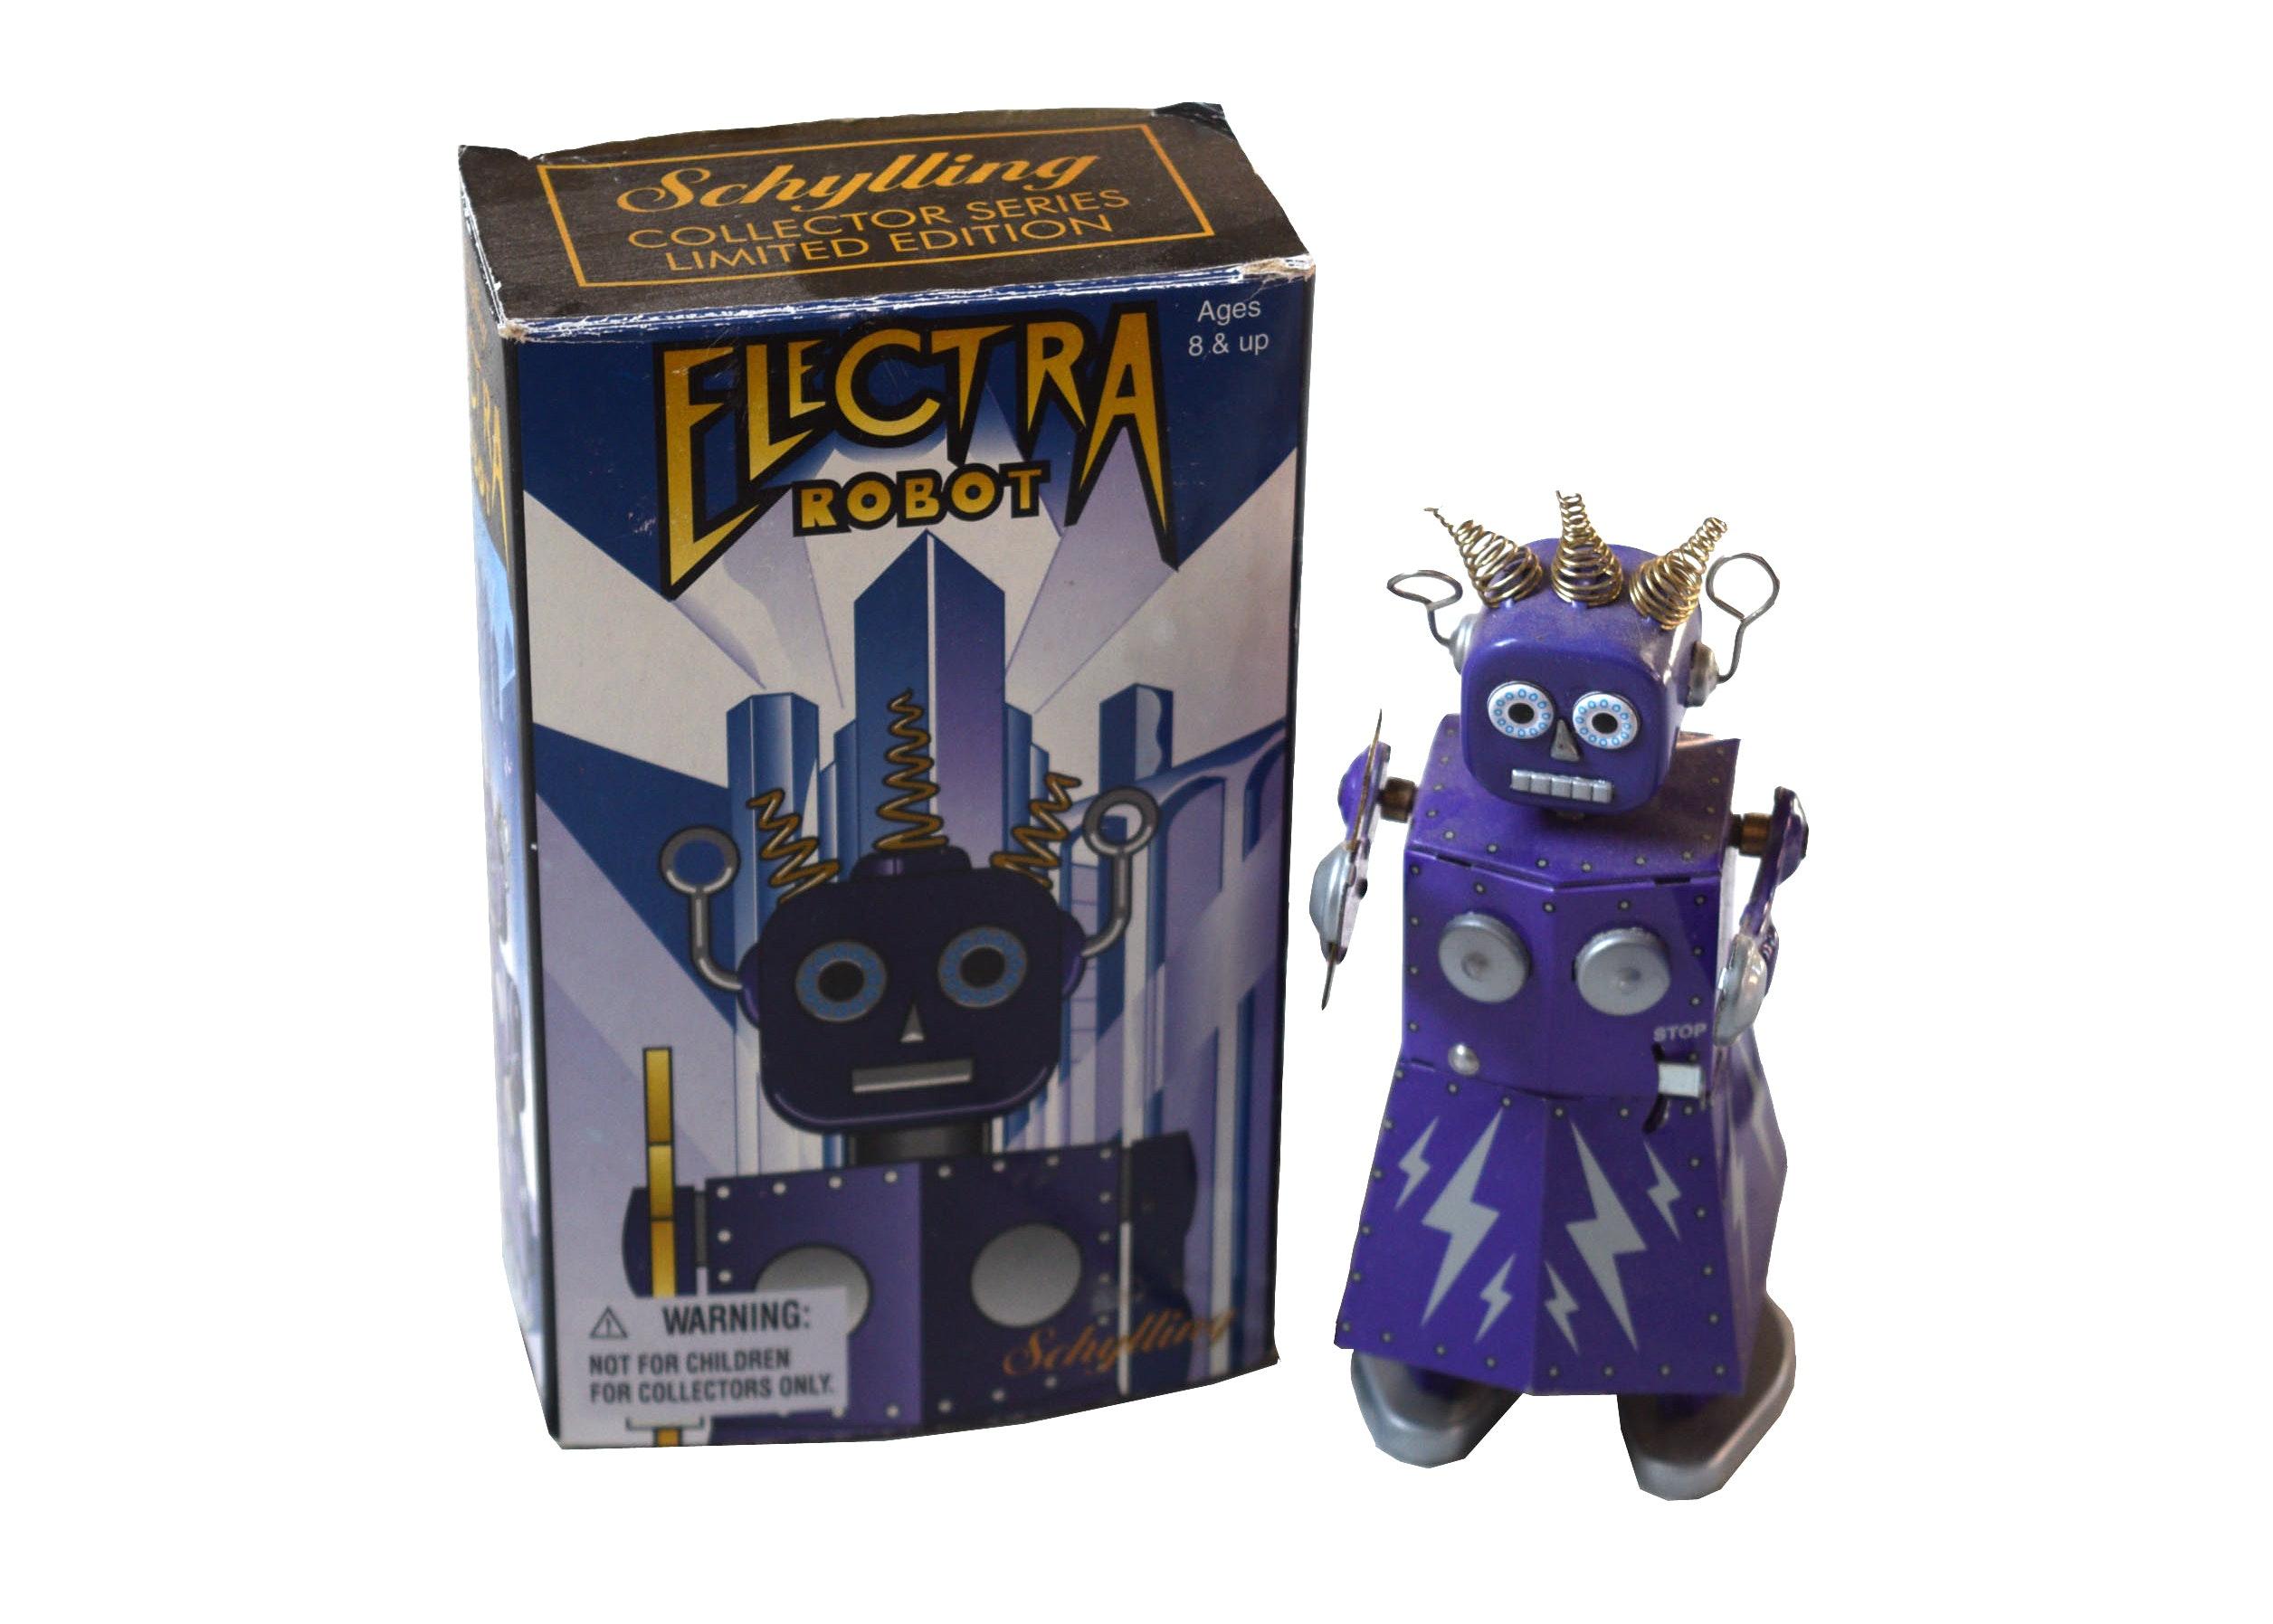 Electra Robot Toy Ebth